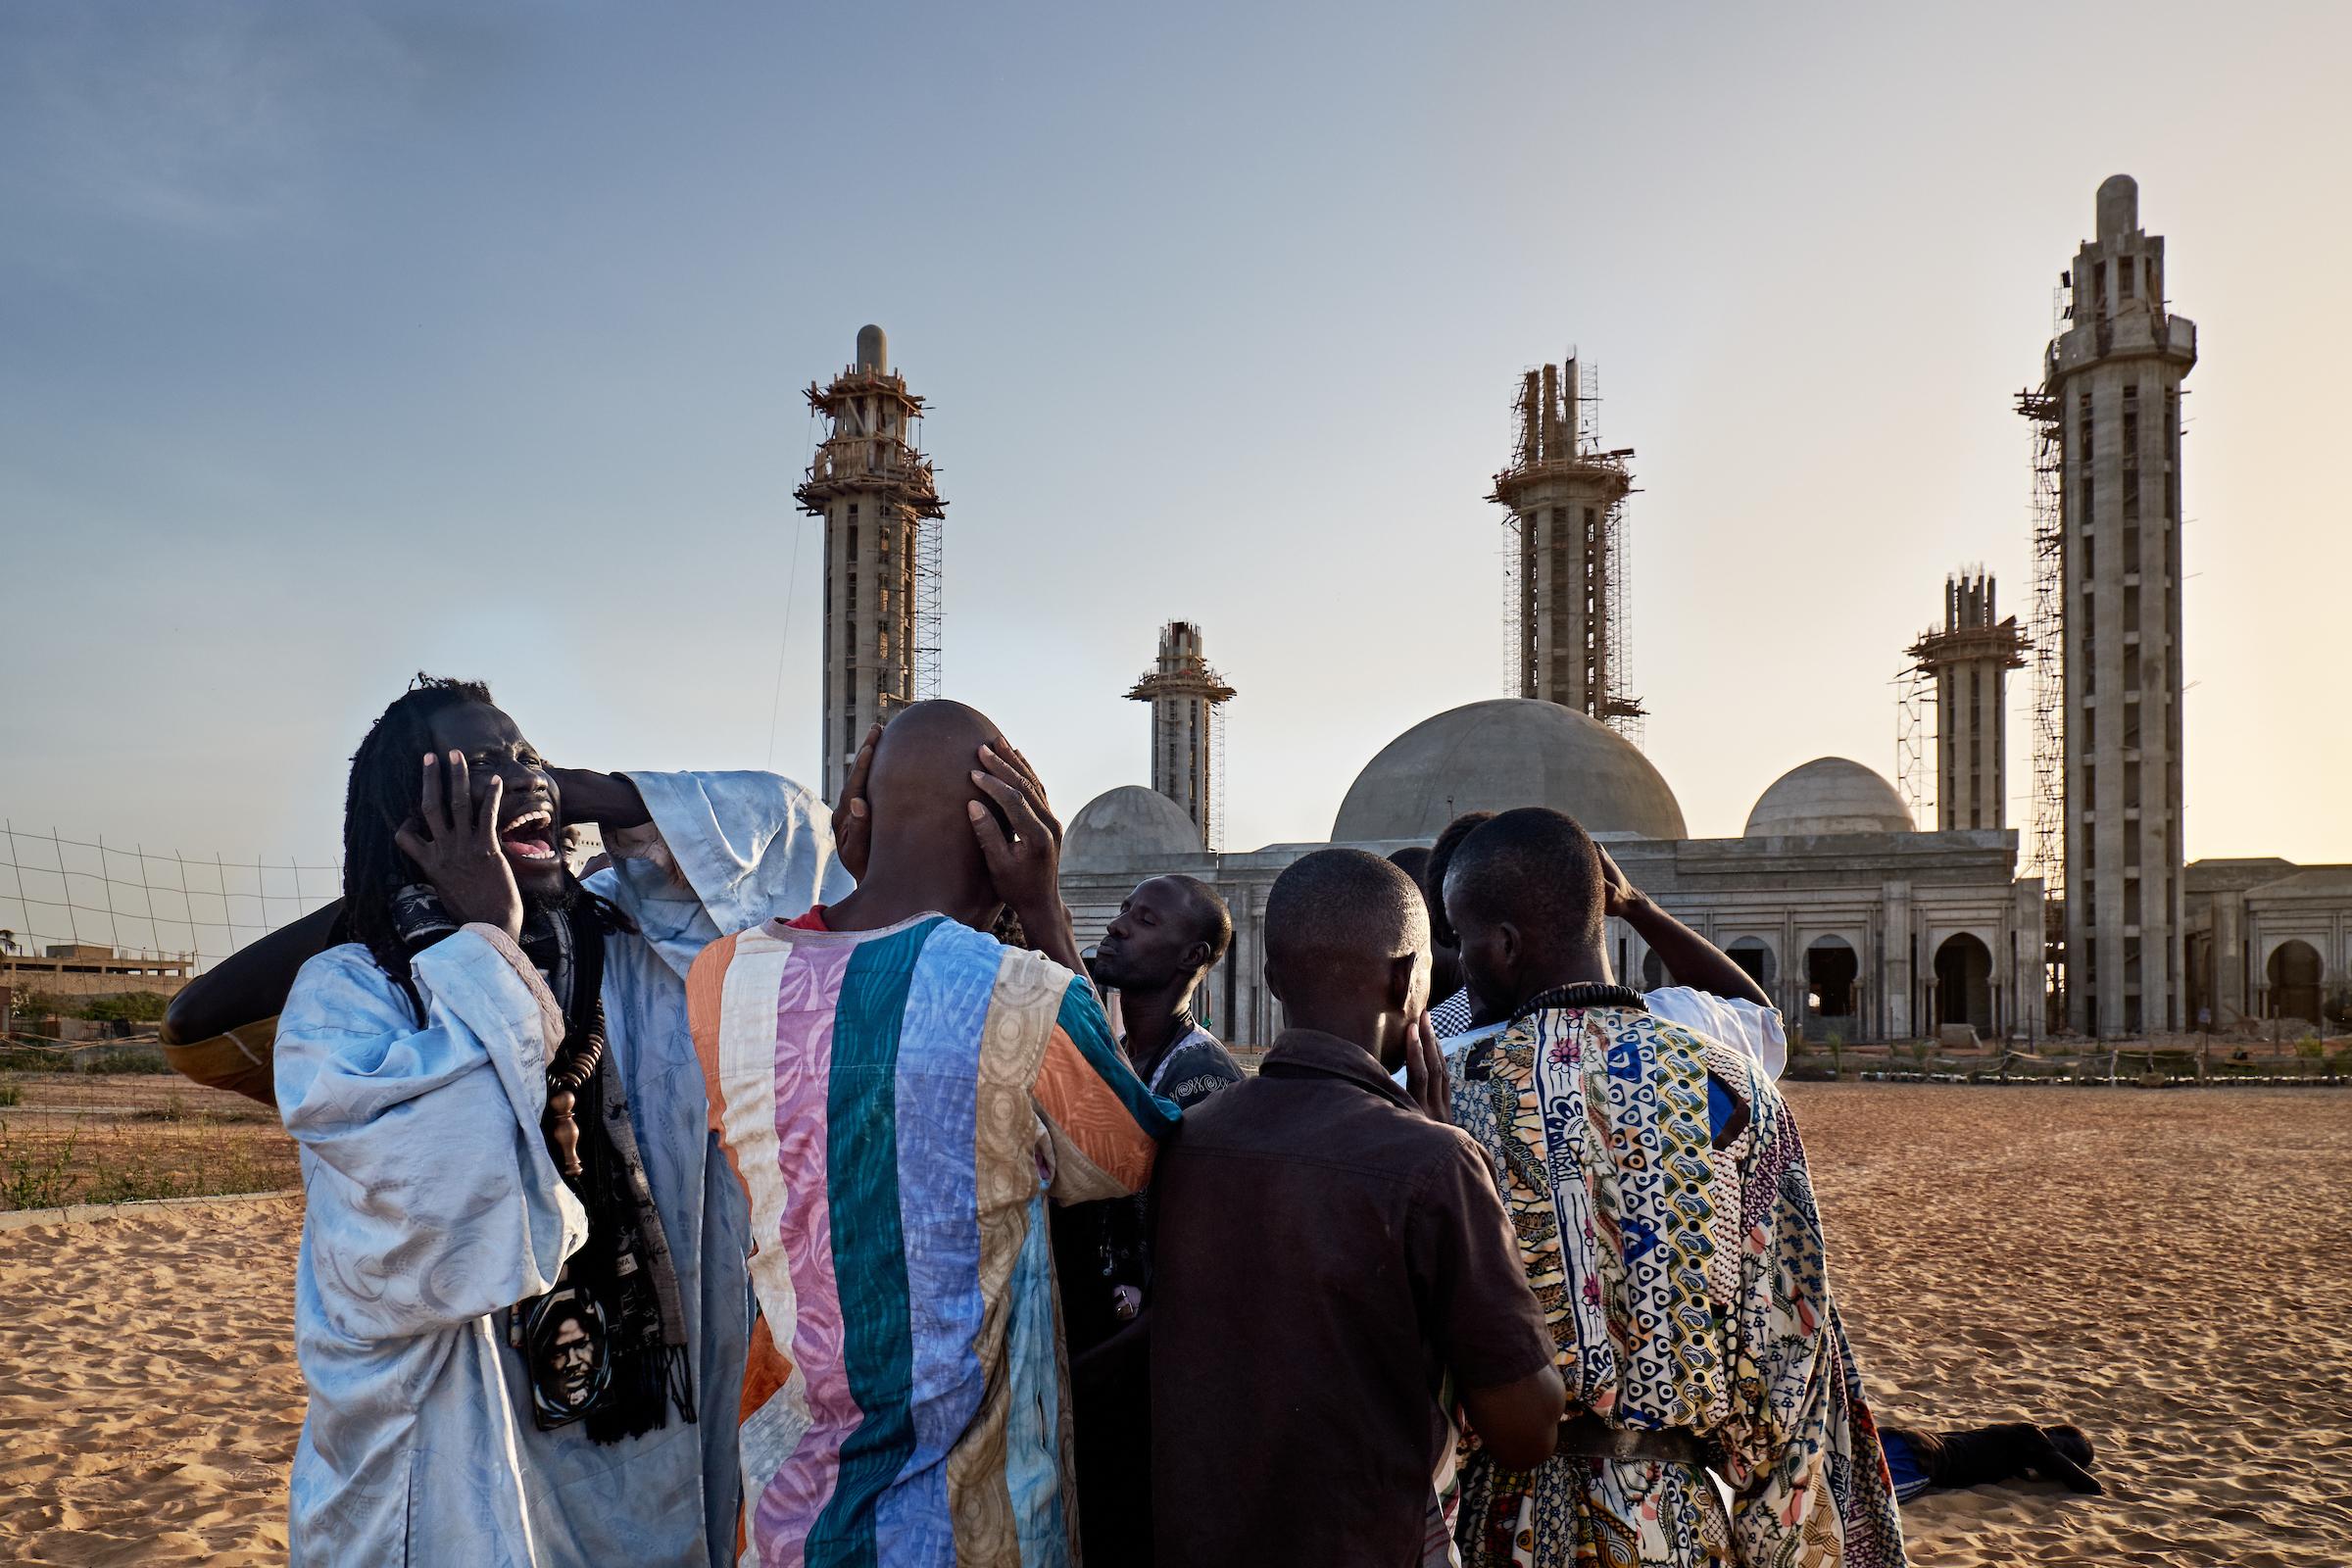 3. Juli 2014. Während dem Ramadan tanzt sich eine Gruppe von Baye Fall in Trance, indem sie rituelle Lieder vor der großen neuen Massalikoul Djinane Moschee in Dakar singen, die sich noch im Bau befindet. Viele Baye Fall verdienen als Musiker Geld, wie der berühmte senegalesische Sänger Youssou N'Dour.